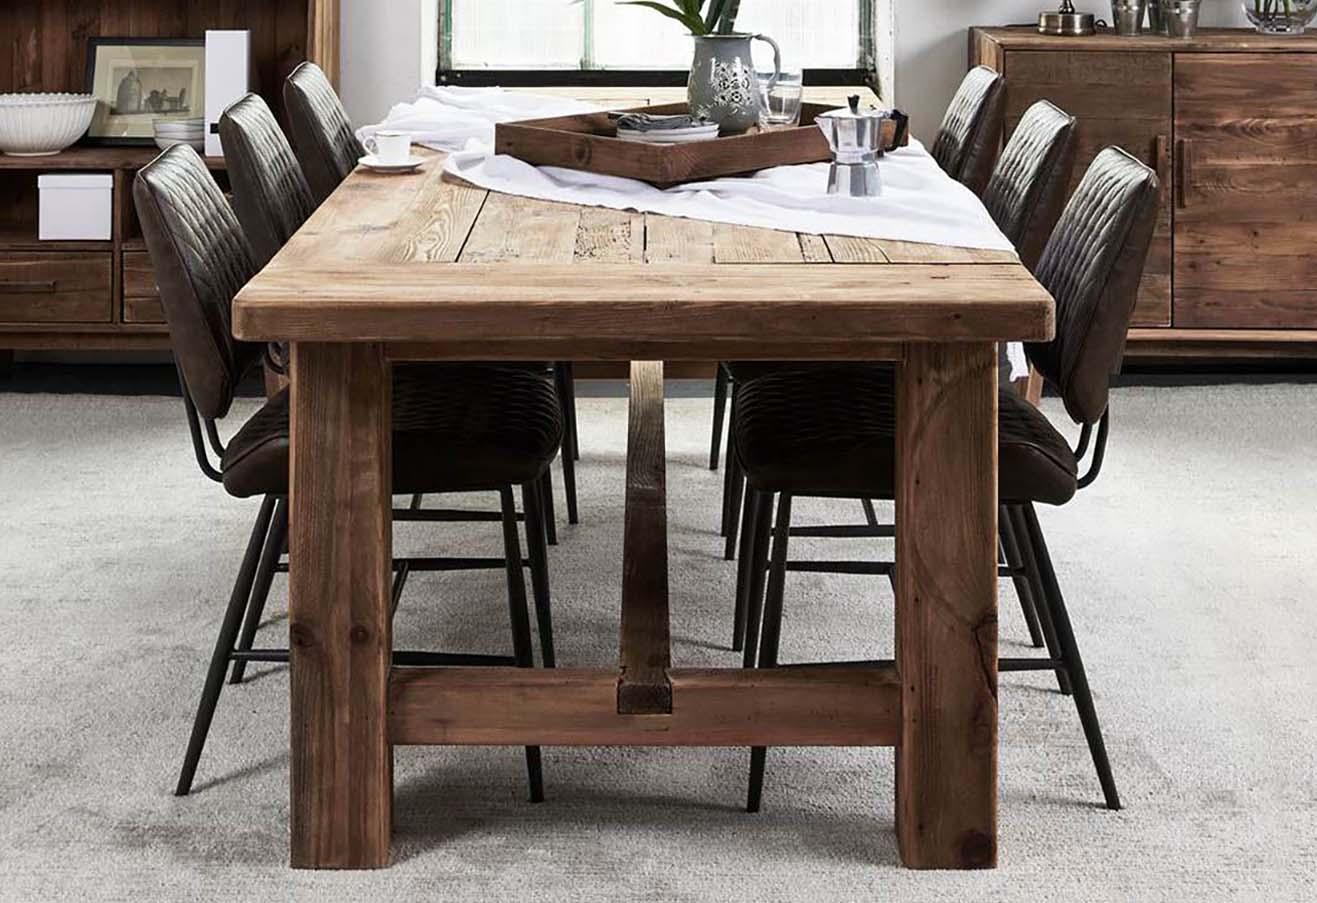 drewniany_stol_w_stylu_rustykalnym